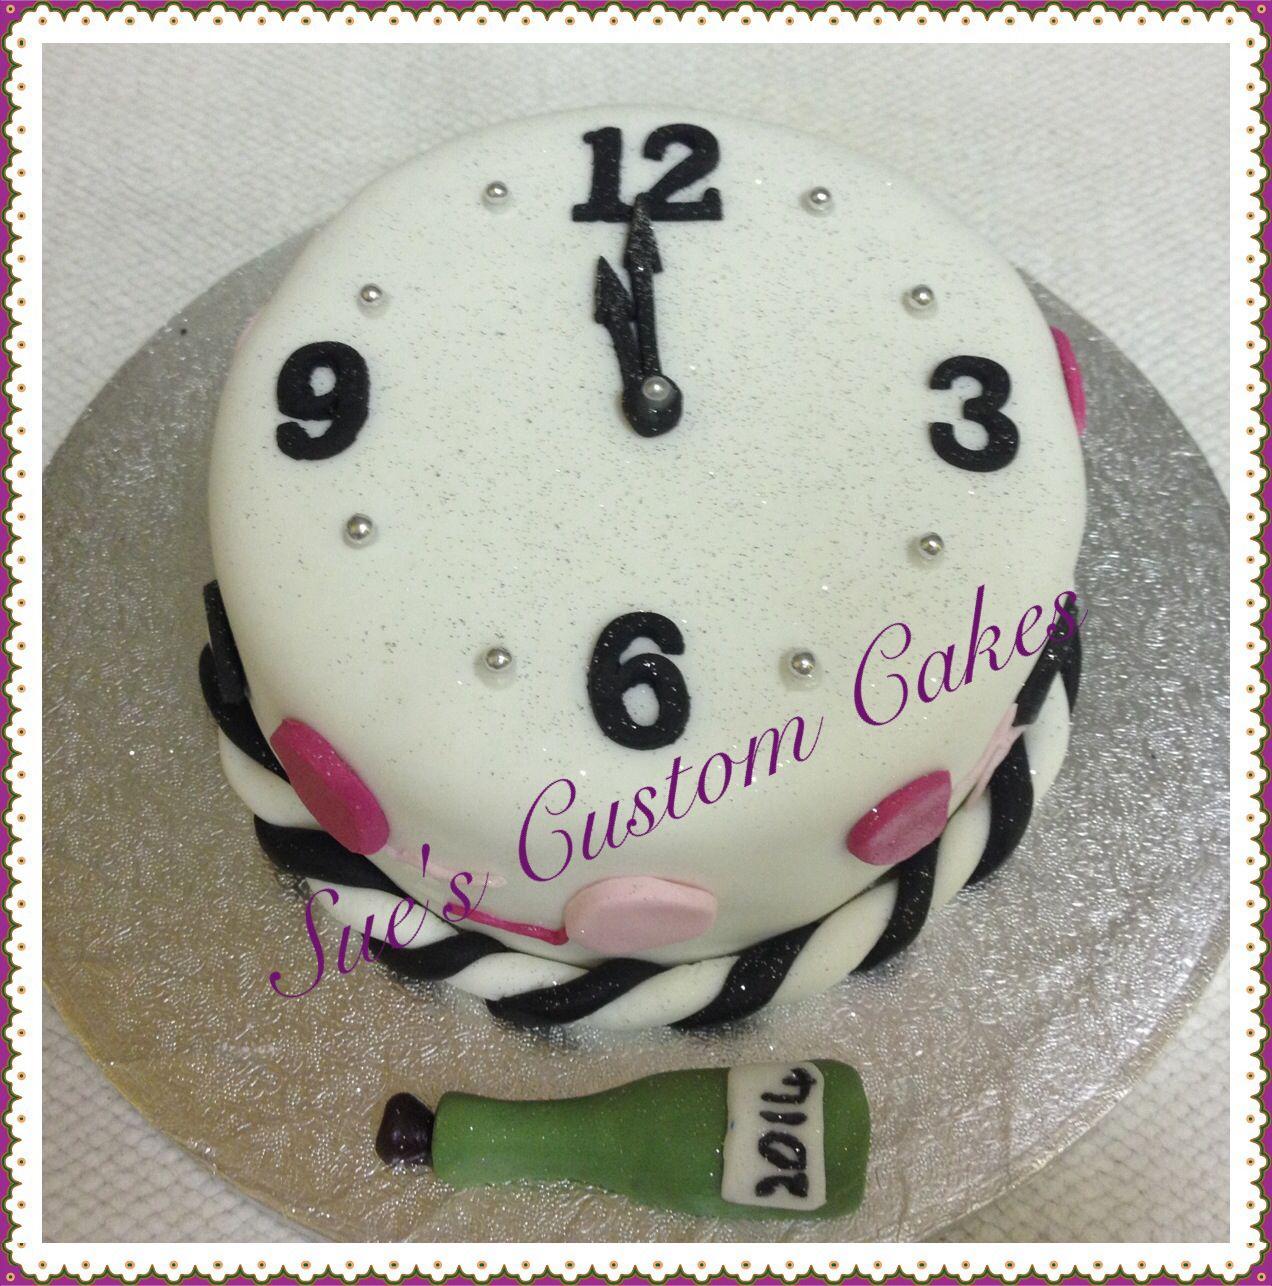 New Years countdown cake Clock cake, celebrate. Tort